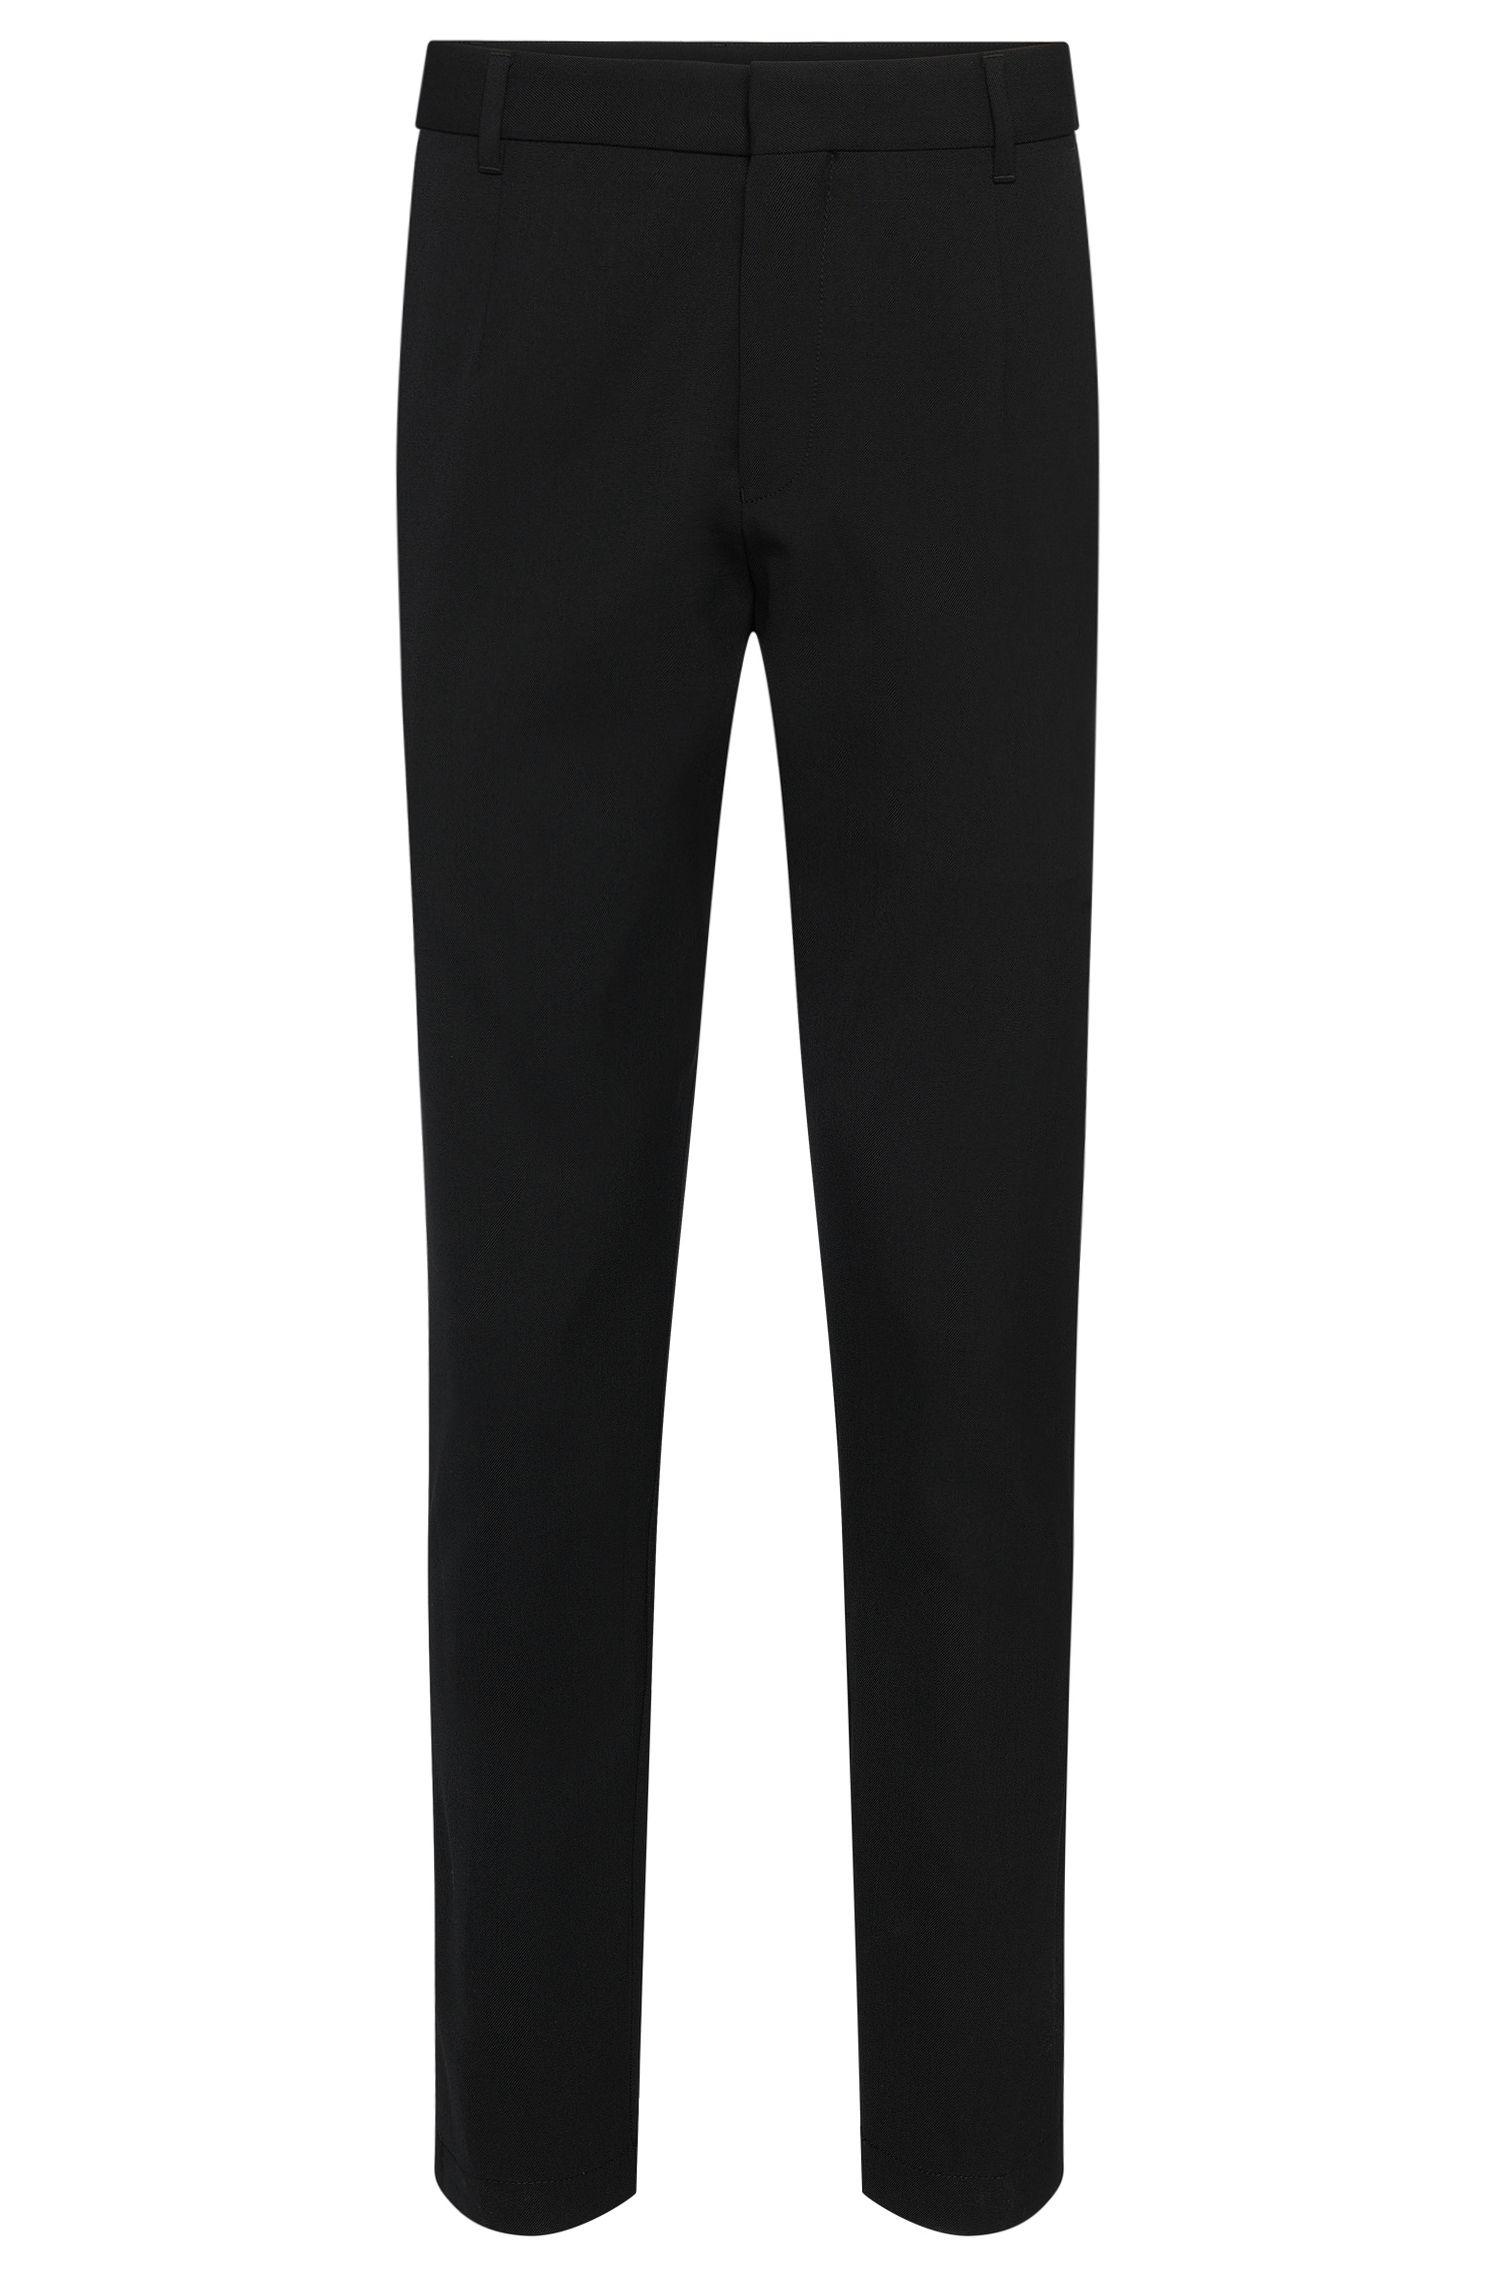 Unifarbene Relaxed-Fit Hose aus elastischem Schurwoll-Mix: 'Hewart'